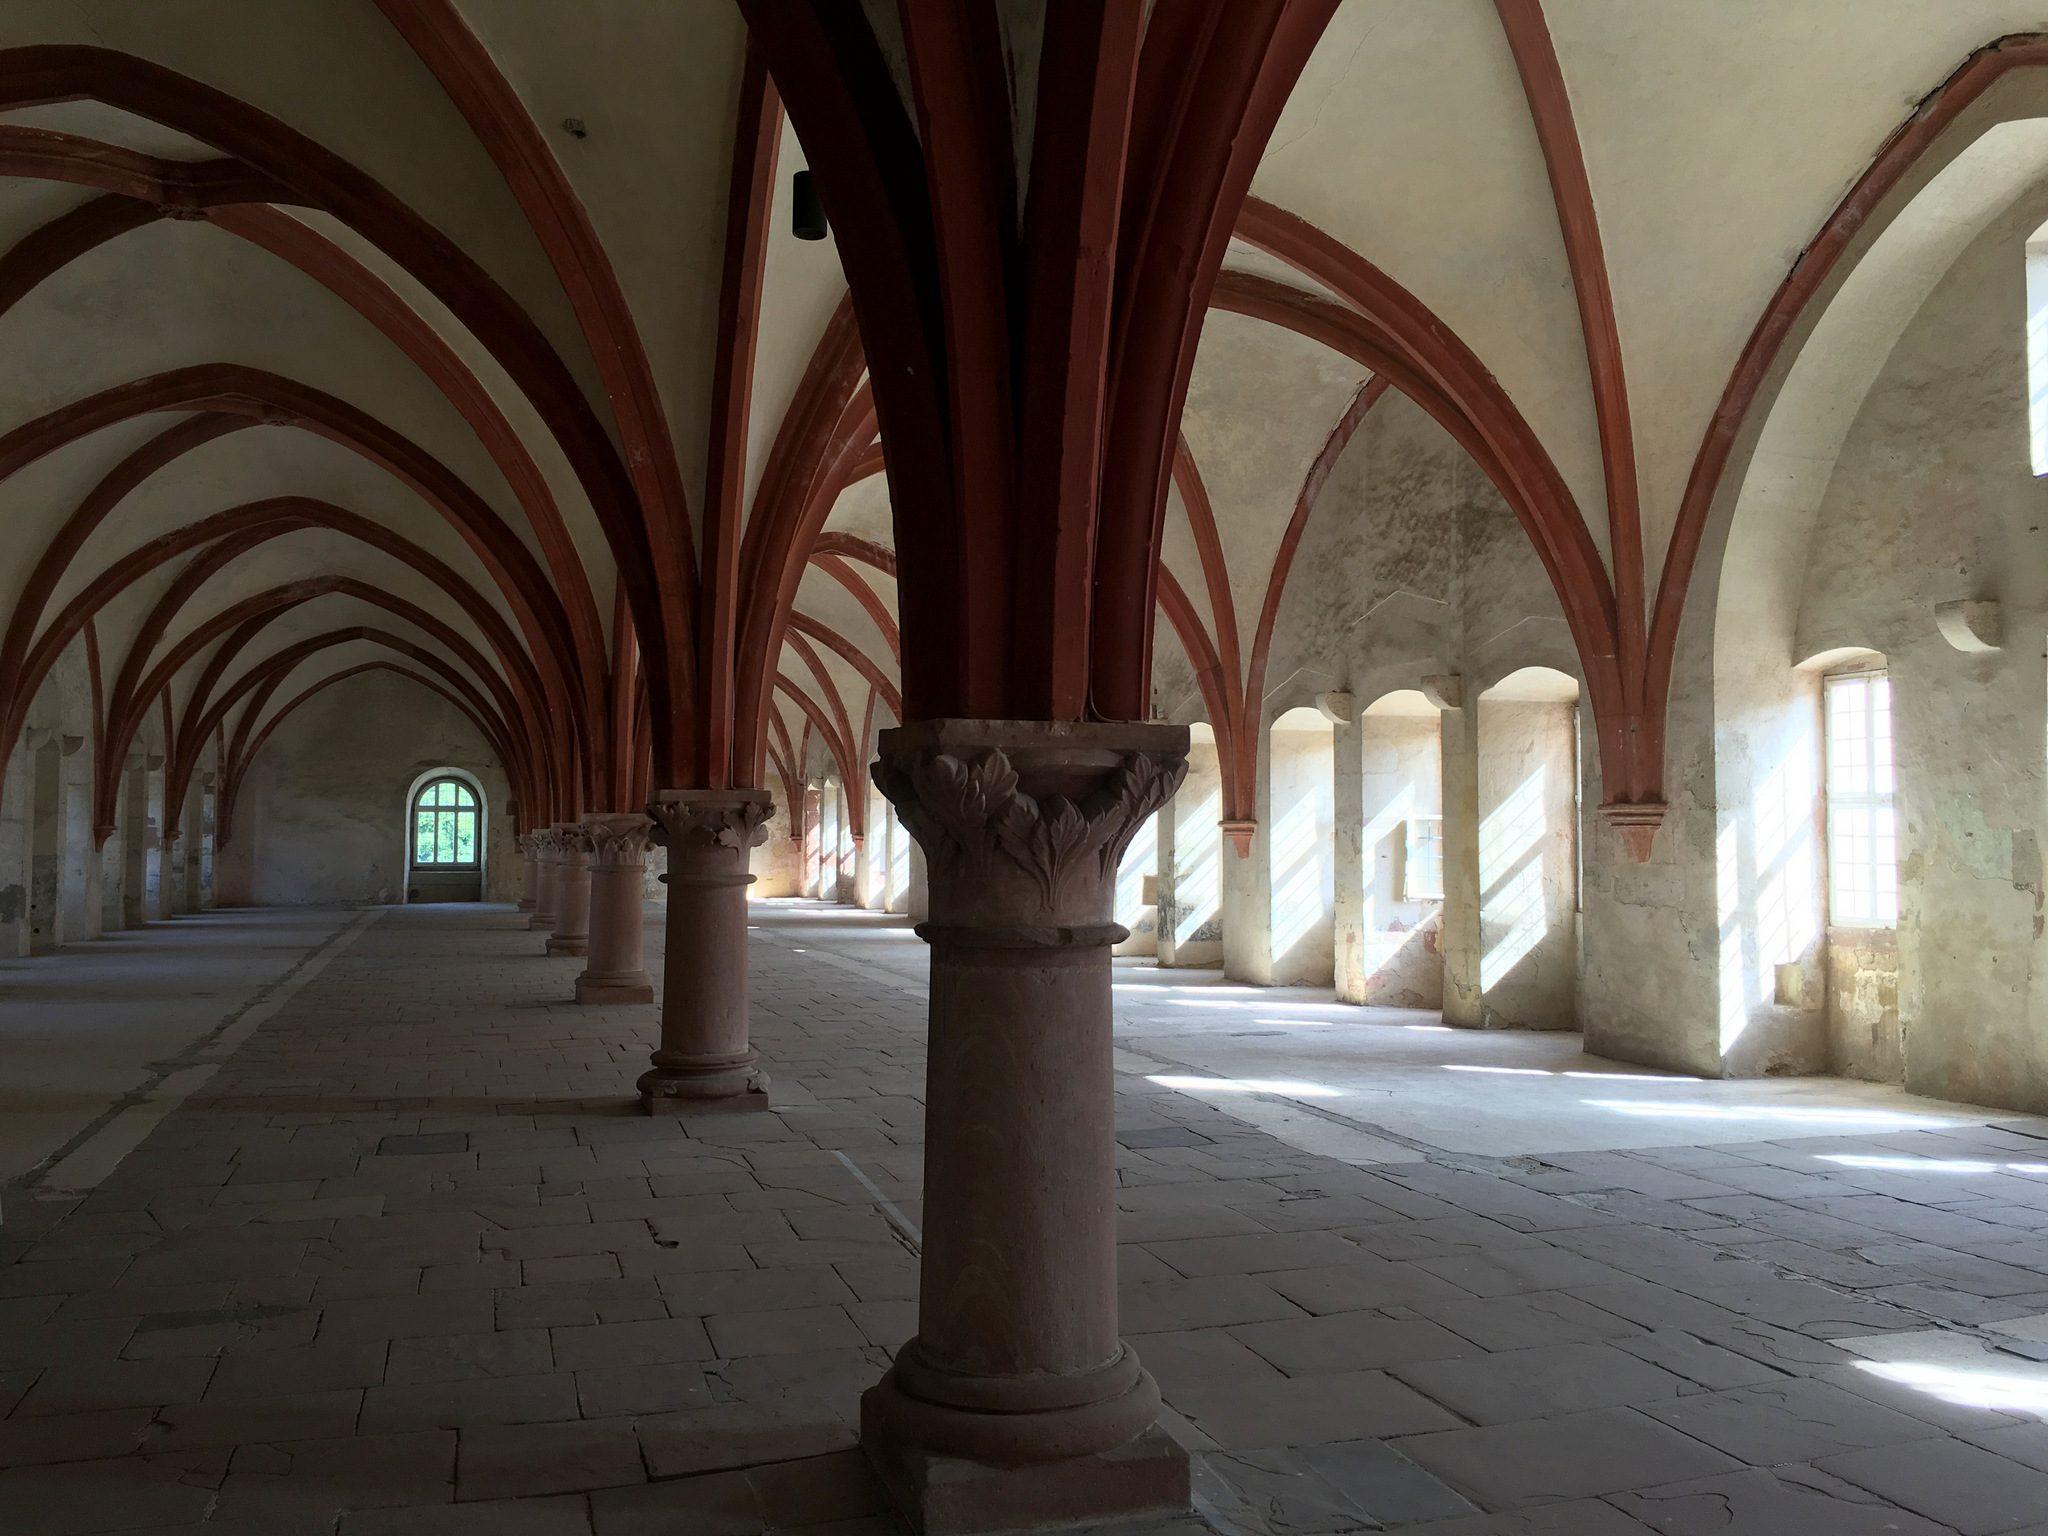 """Im Film """"Der Name der Rose"""" das Skriptorium, eigentlich aber der Schlafsaal (Dormitorium) der Mönche."""